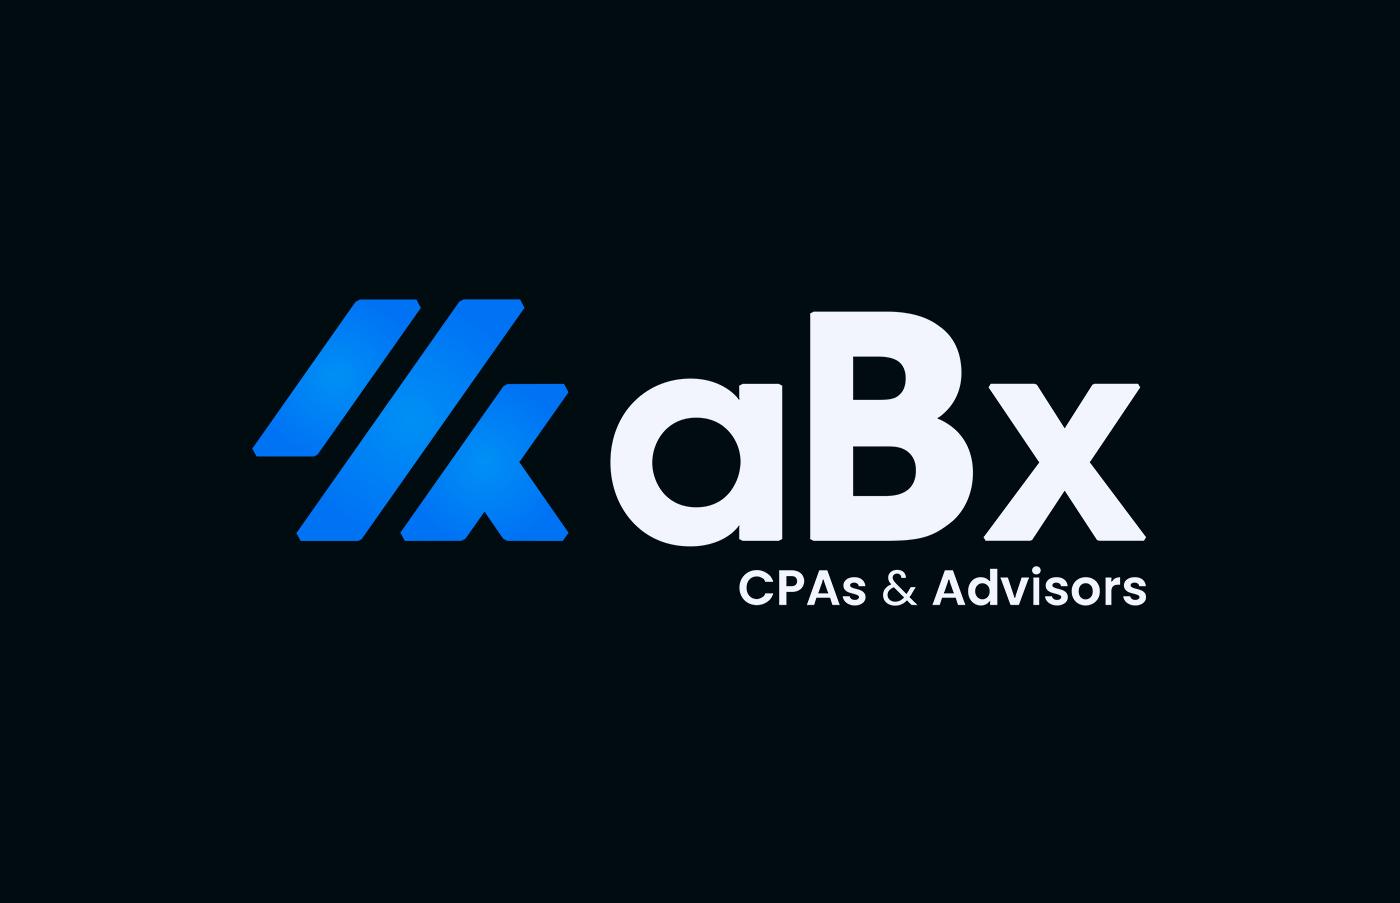 aBx Brand Identity & Naming